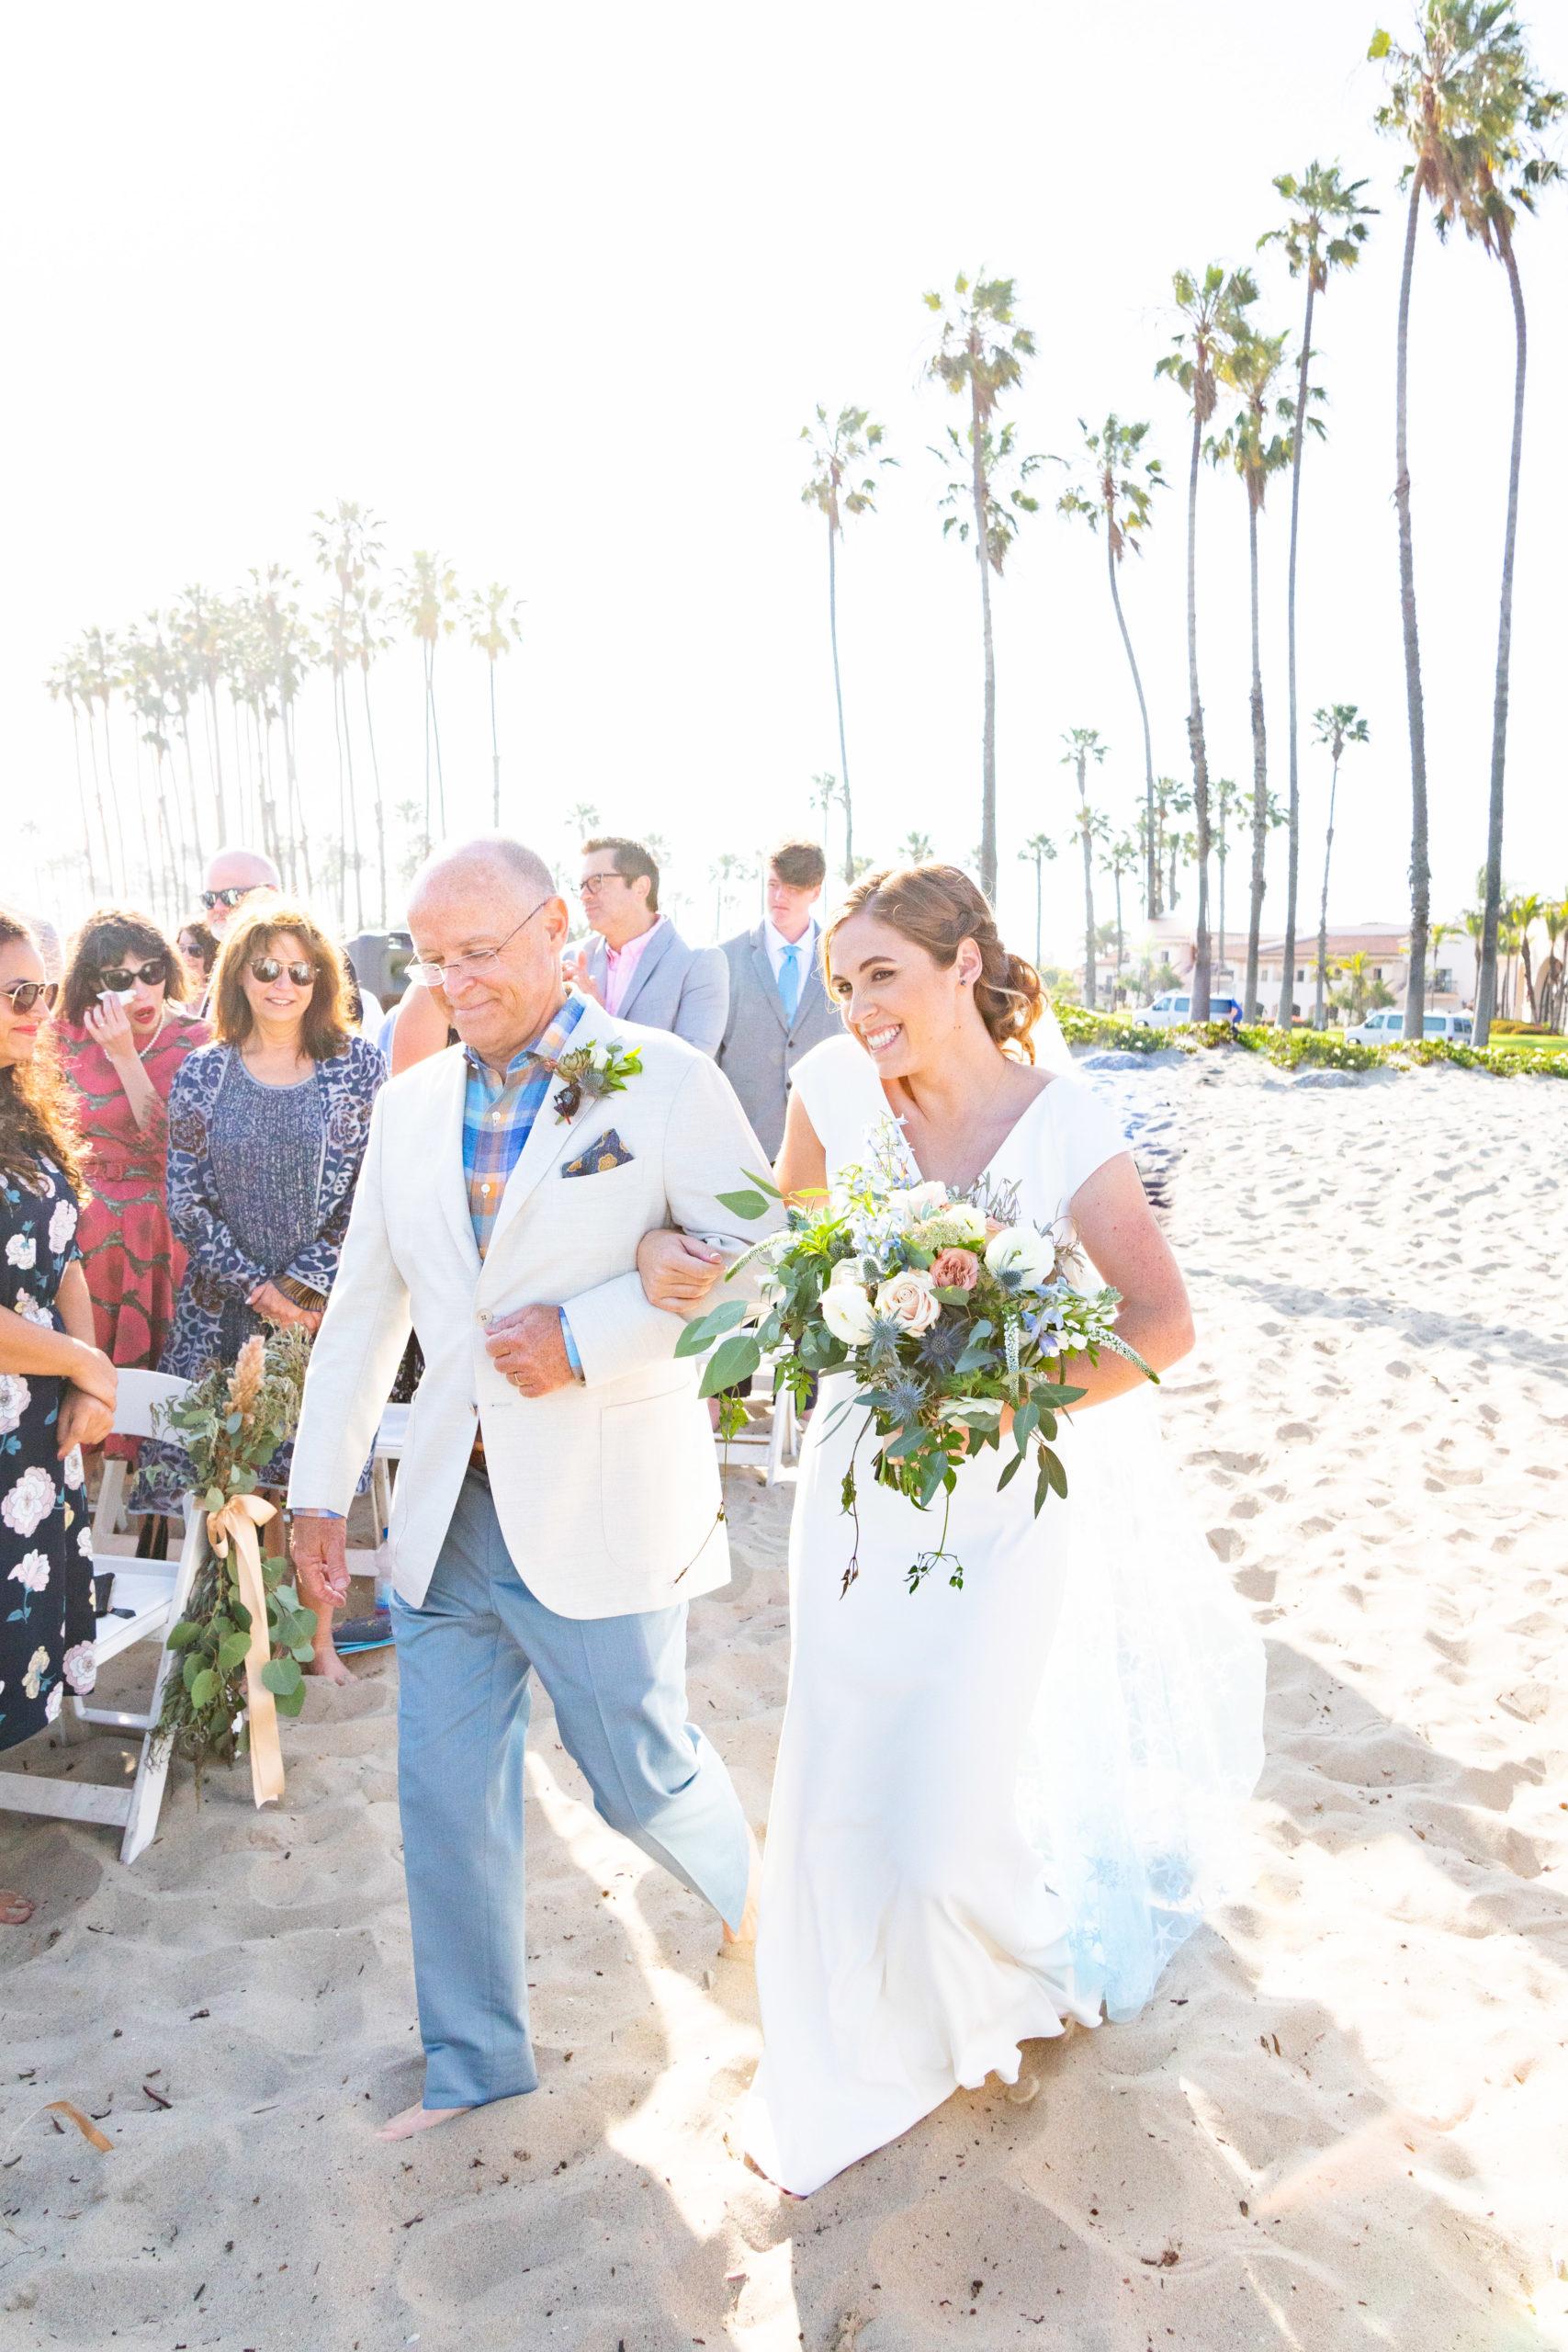 Dad walking bride down beach aisle